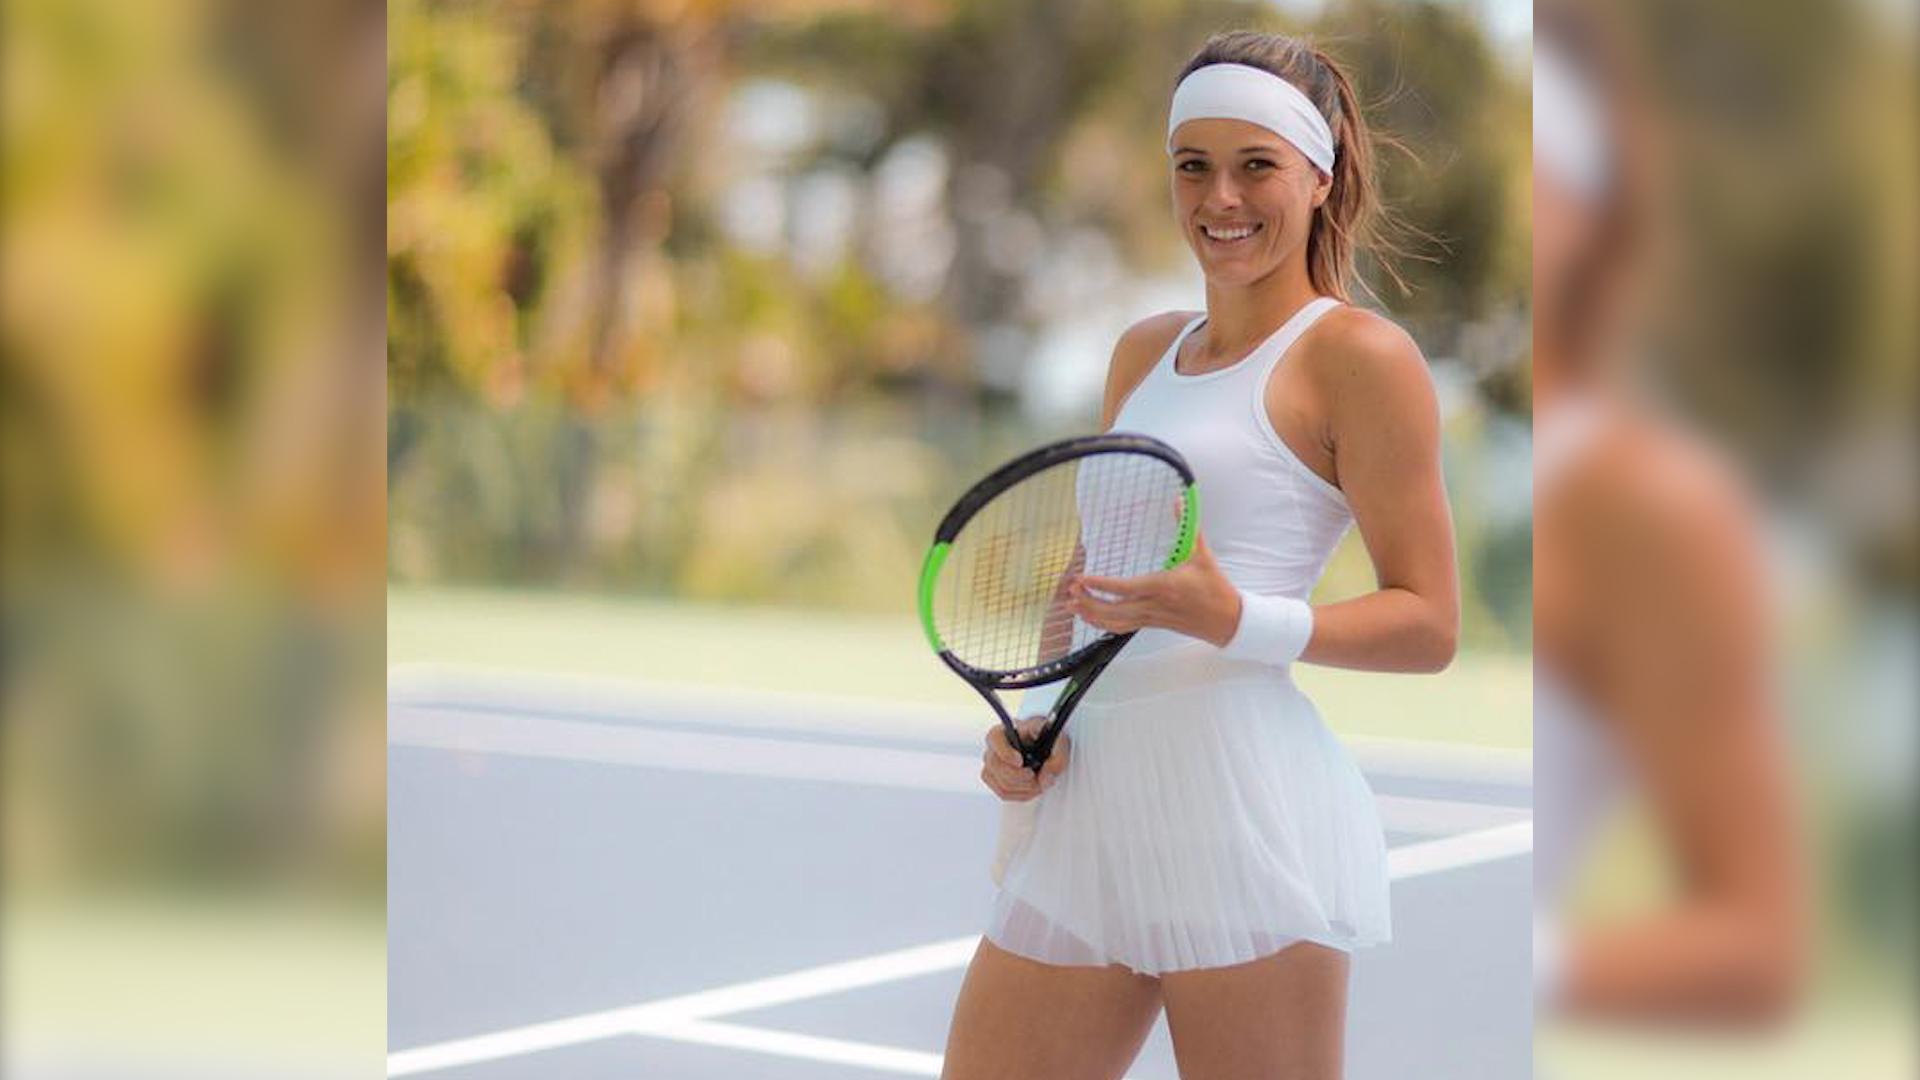 Gwiazda tenisa opowiada, jak dentysta zdiagnozował u niej raka